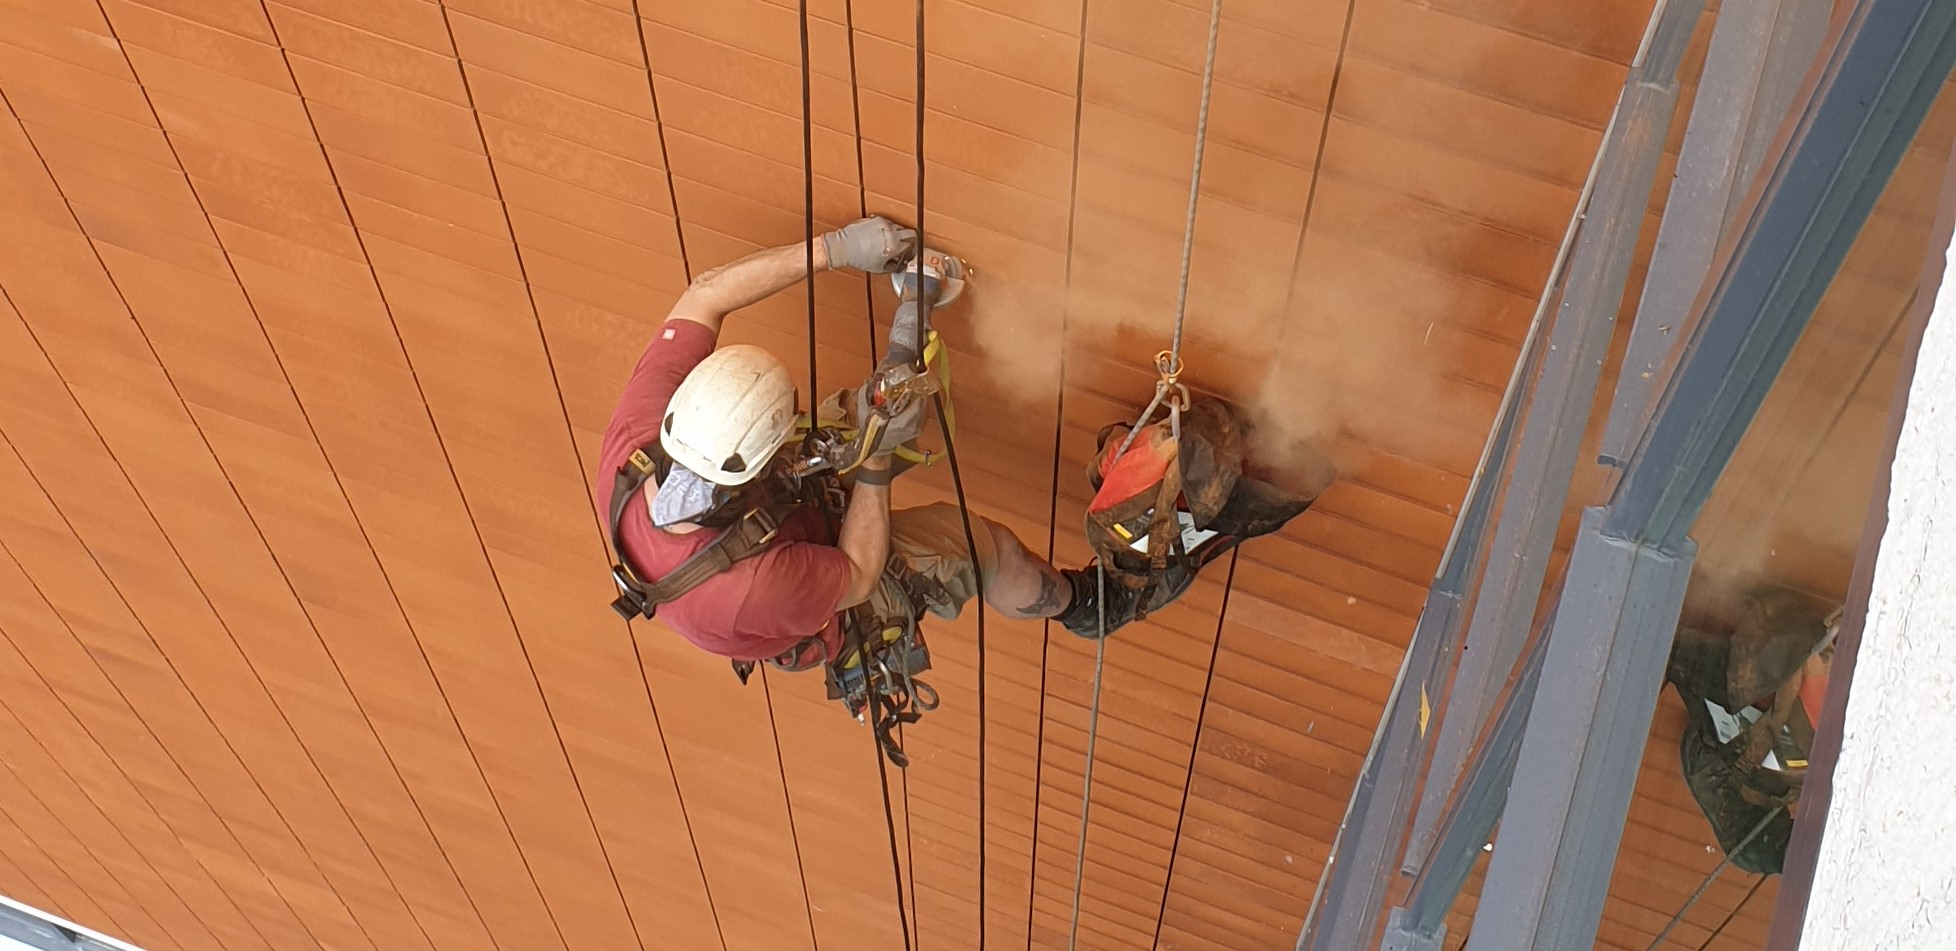 Rope Access installeren reclame uitingen - High Work Solutions